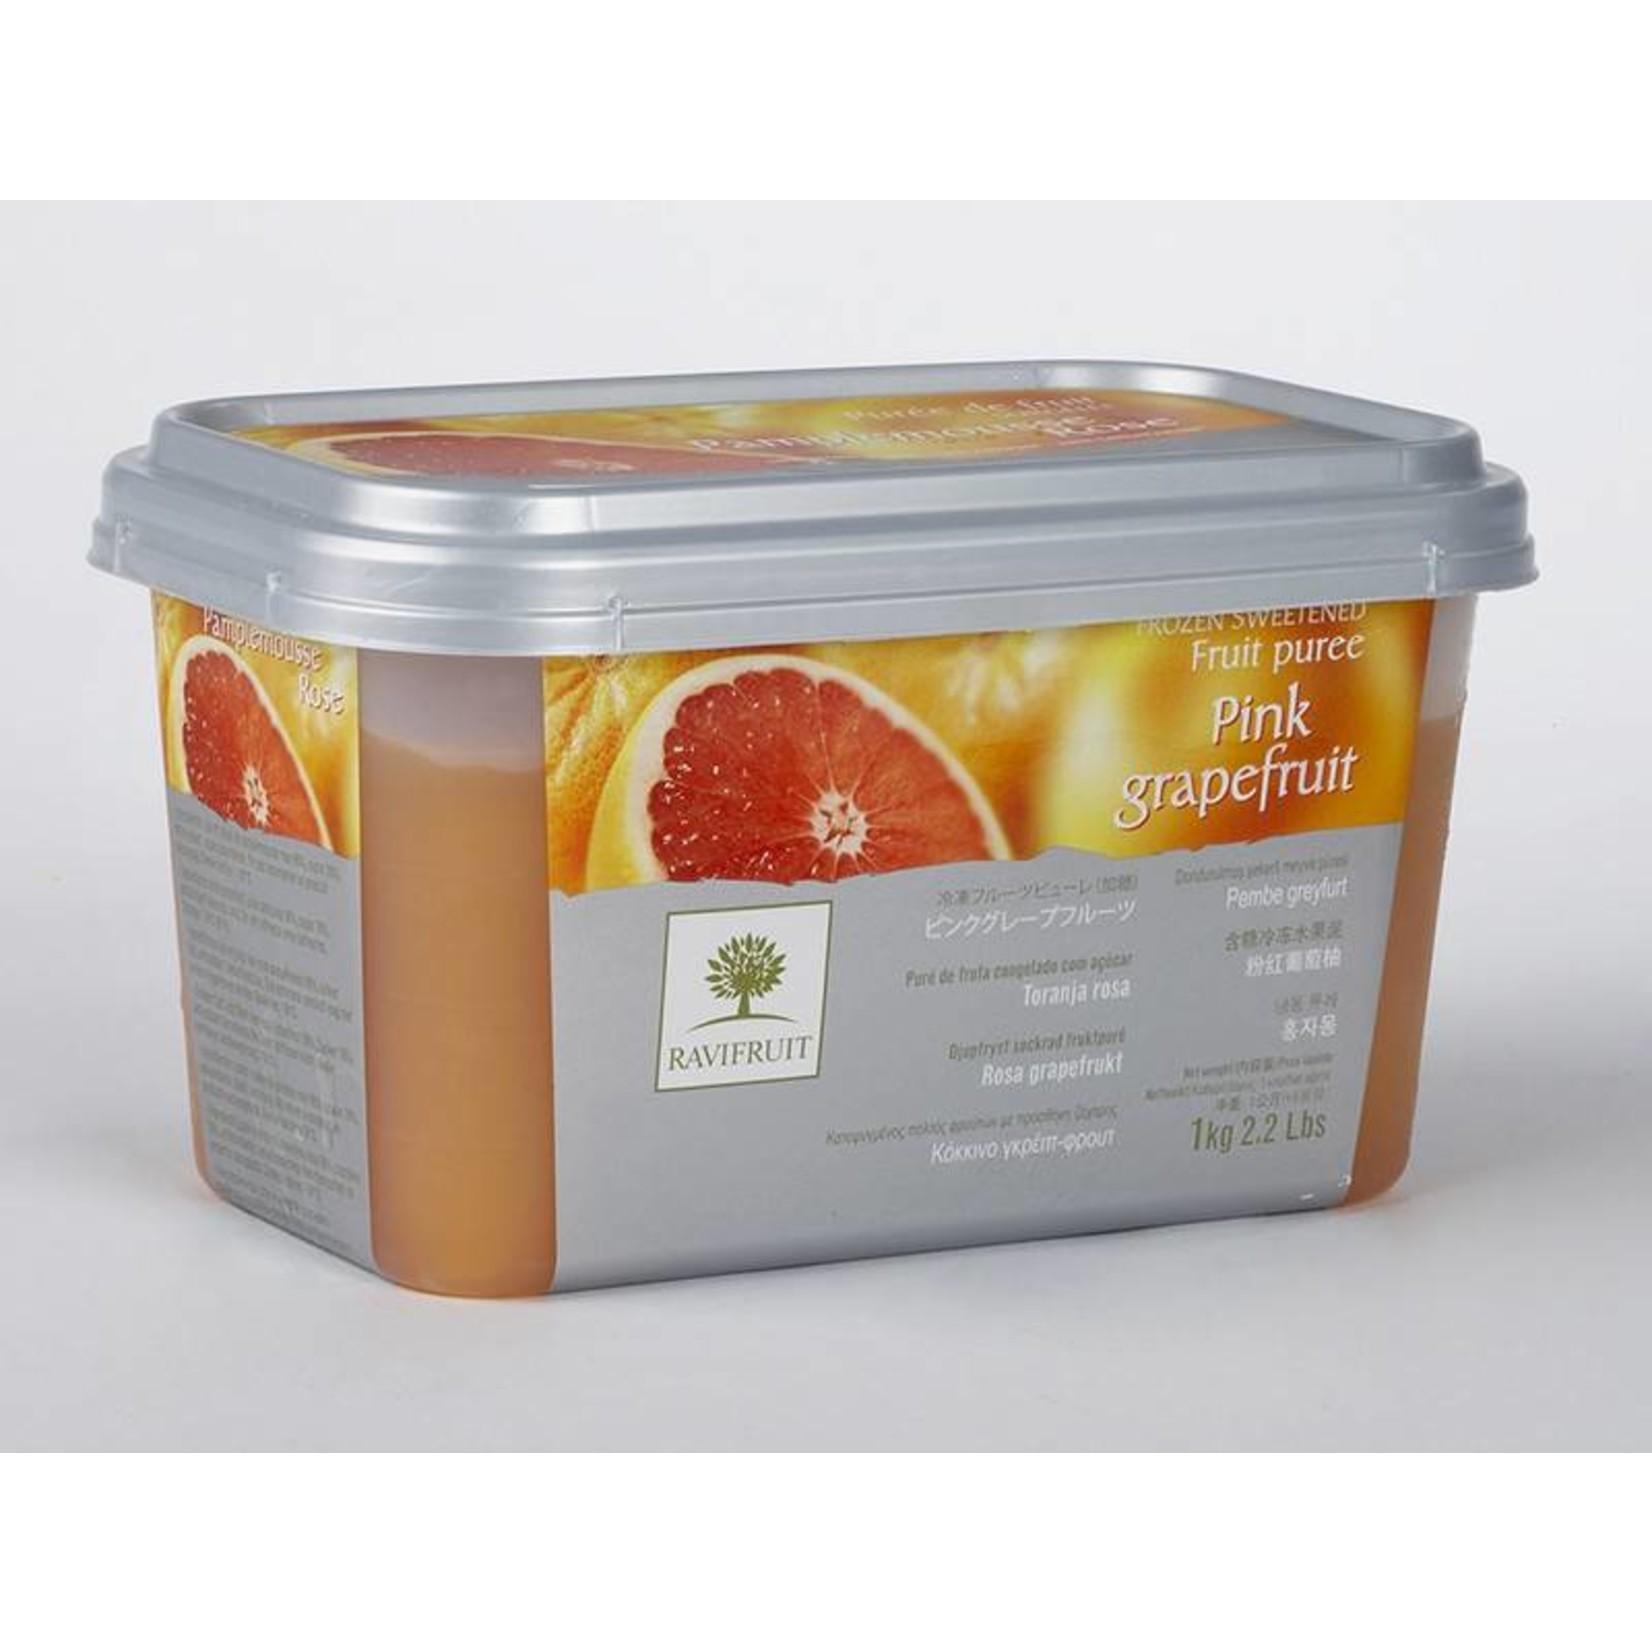 Ravifruit Ravifruit - Pink Grapefruit Puree - 2.2lb, RAV815